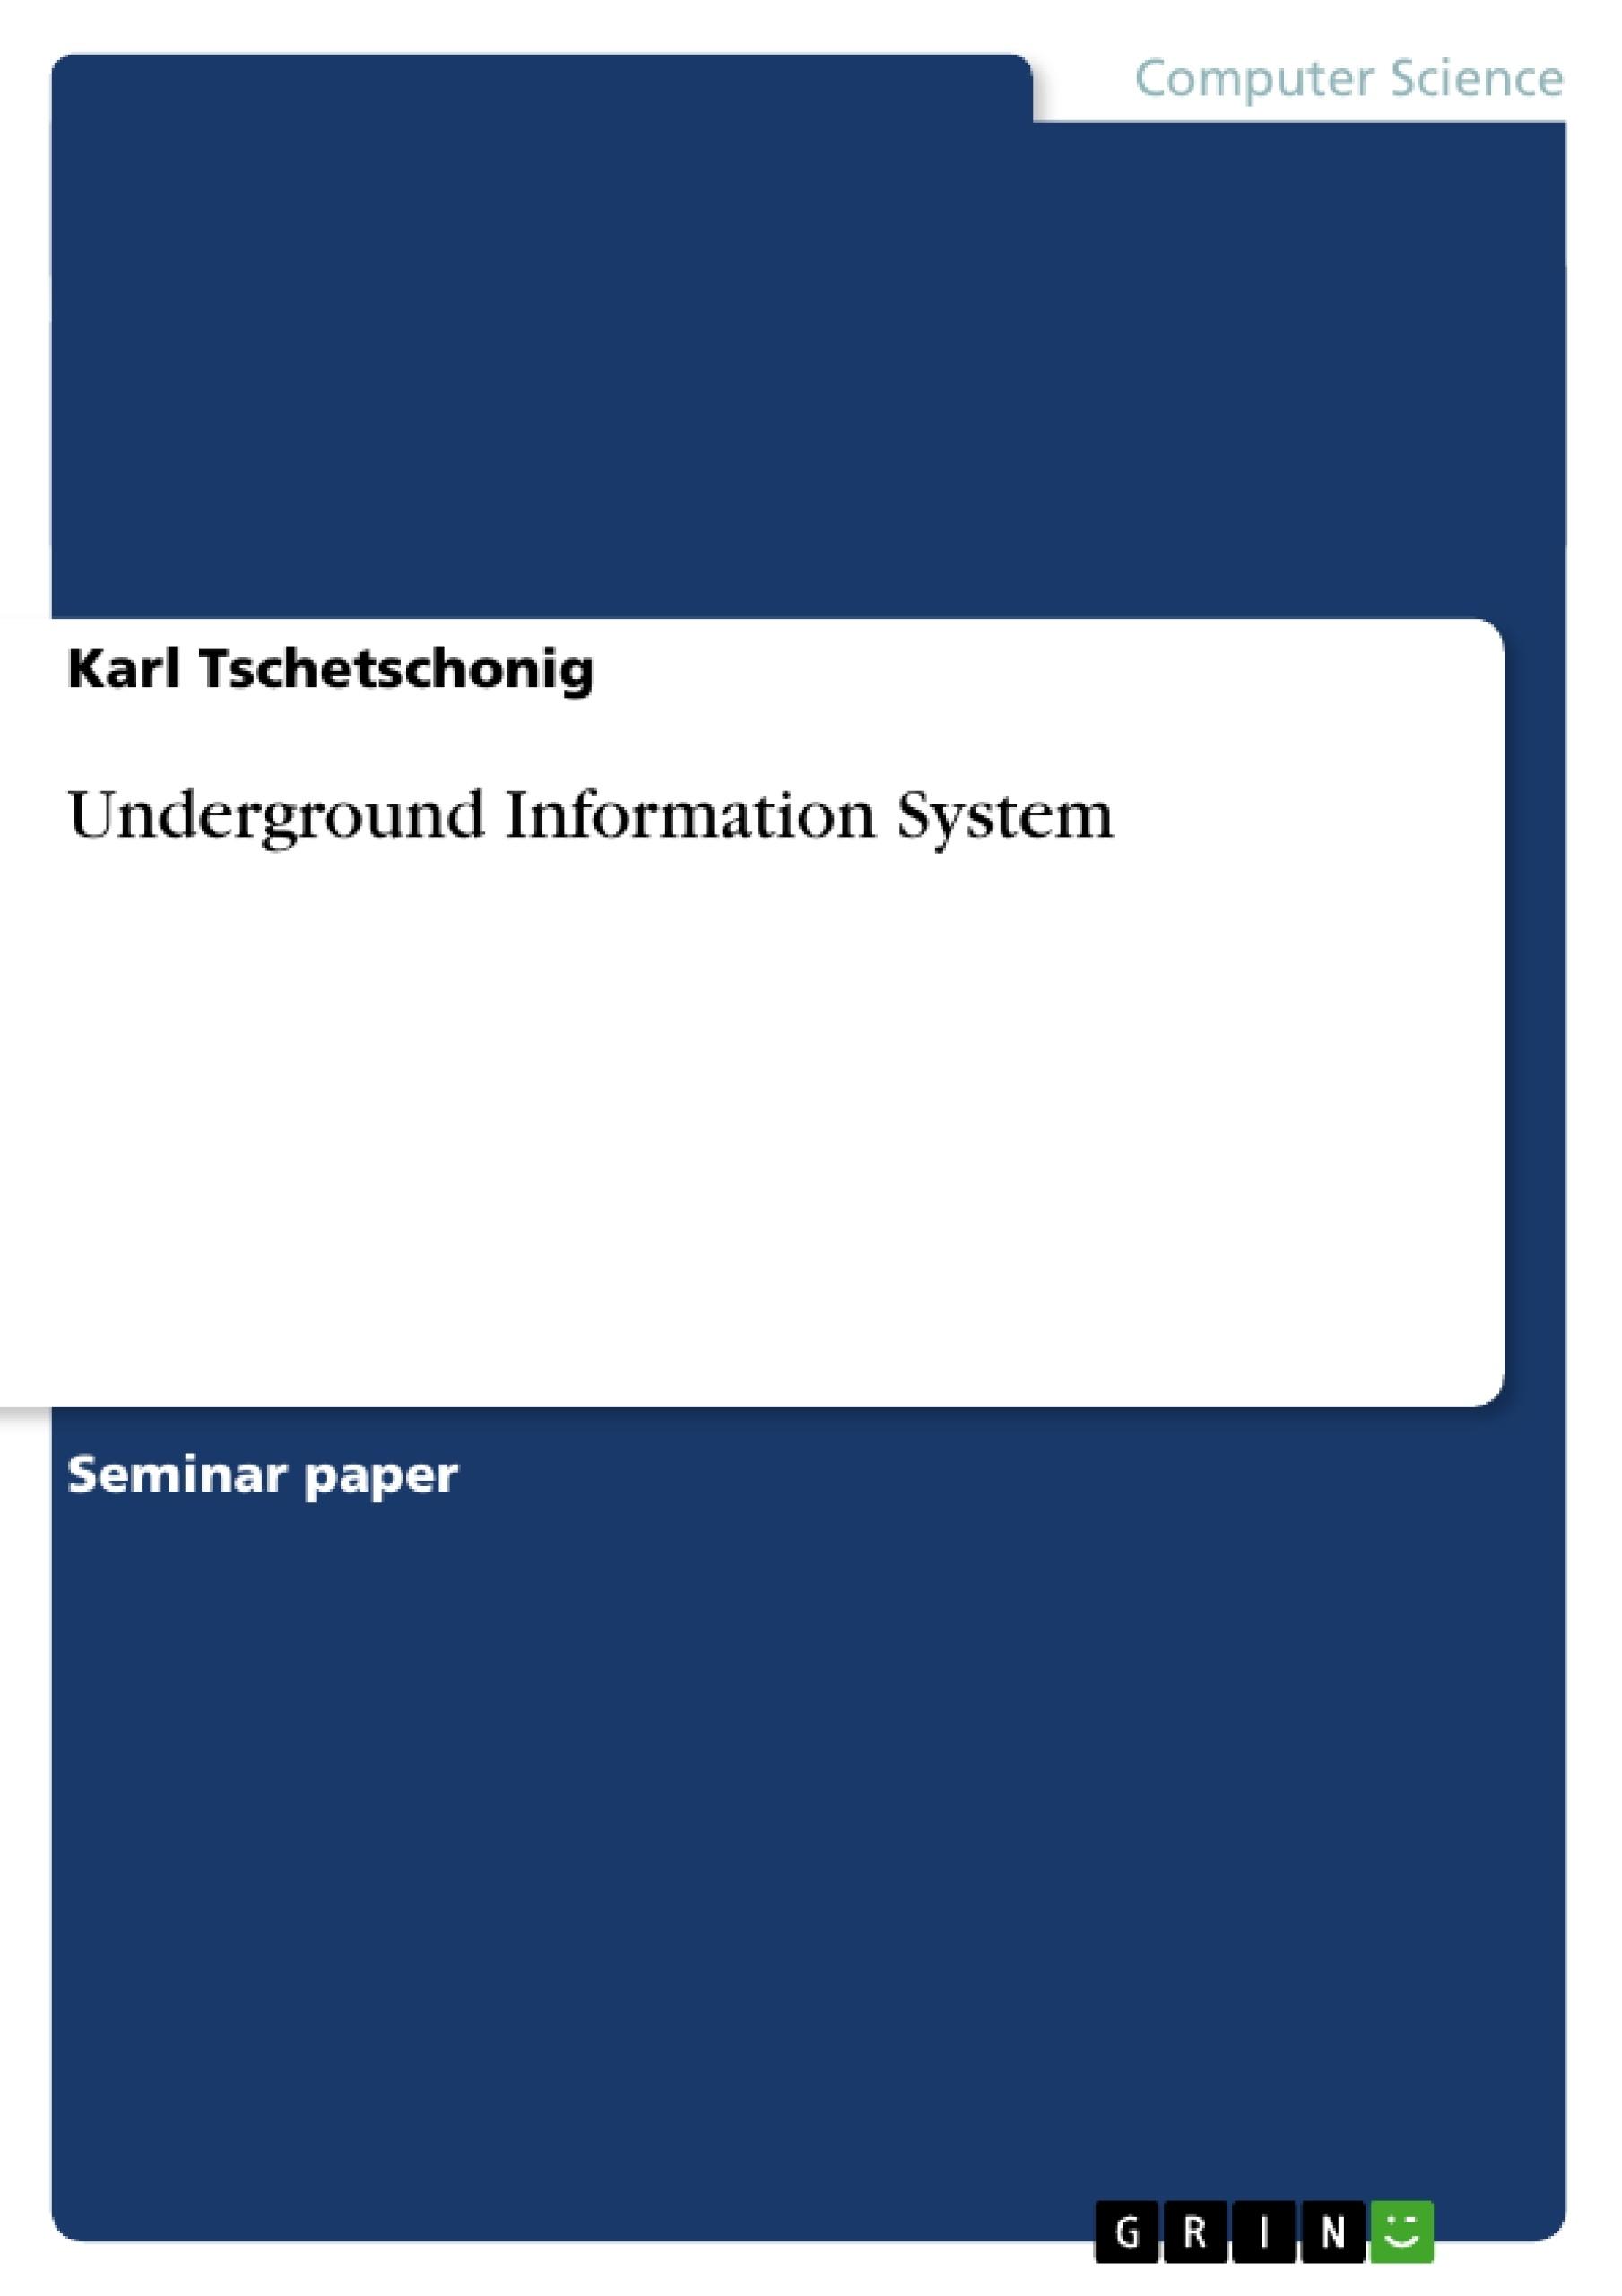 Title: Underground Information System